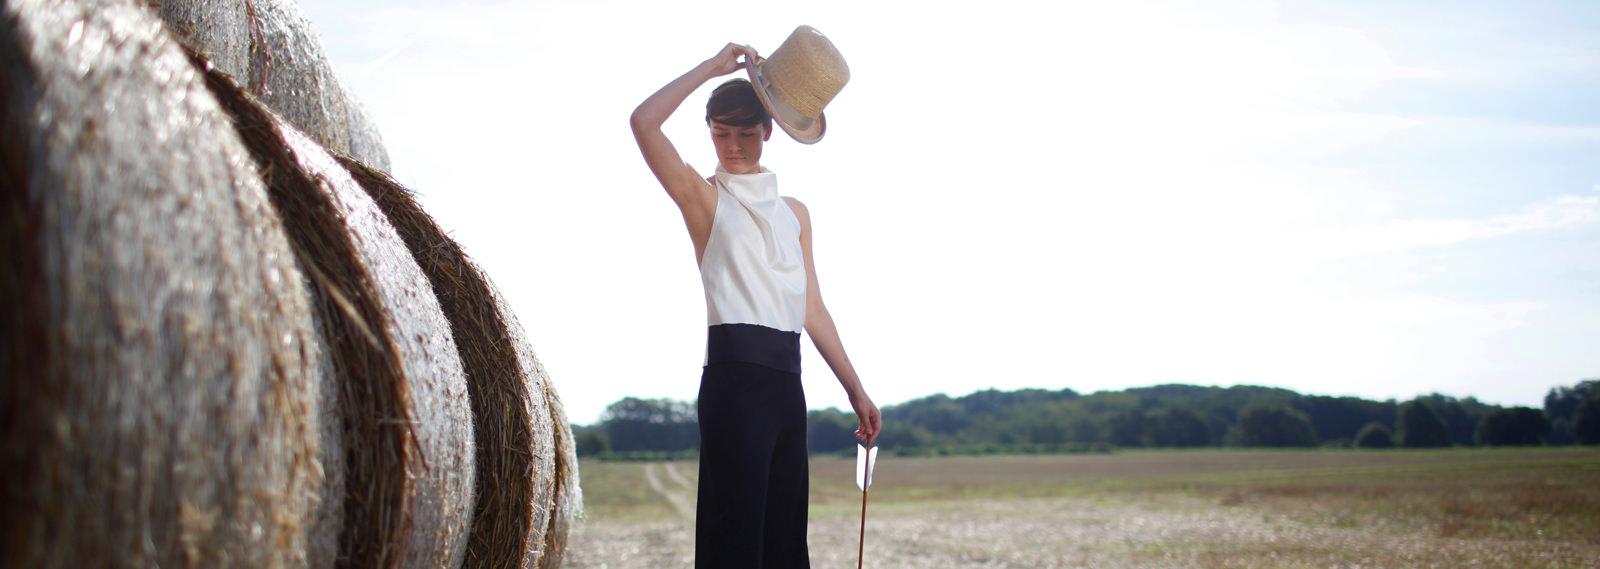 Handgefertigte Hüte für Styling, Fotoproduktionen und Mode